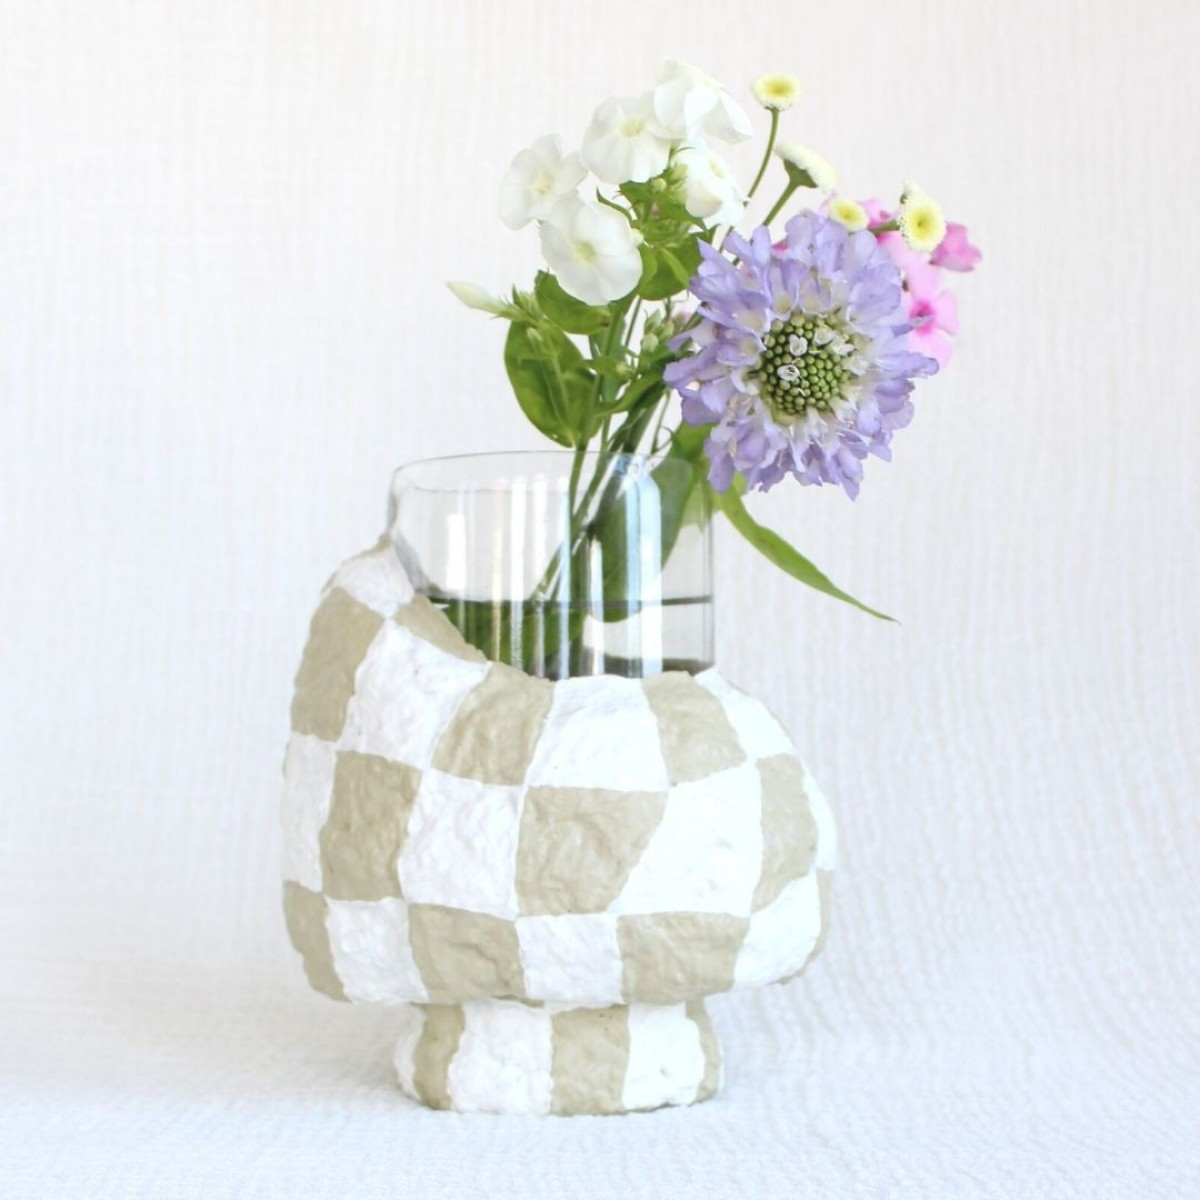 Catchup Studios - nachhaltige Vase - BEIGY Schachbrett Vase